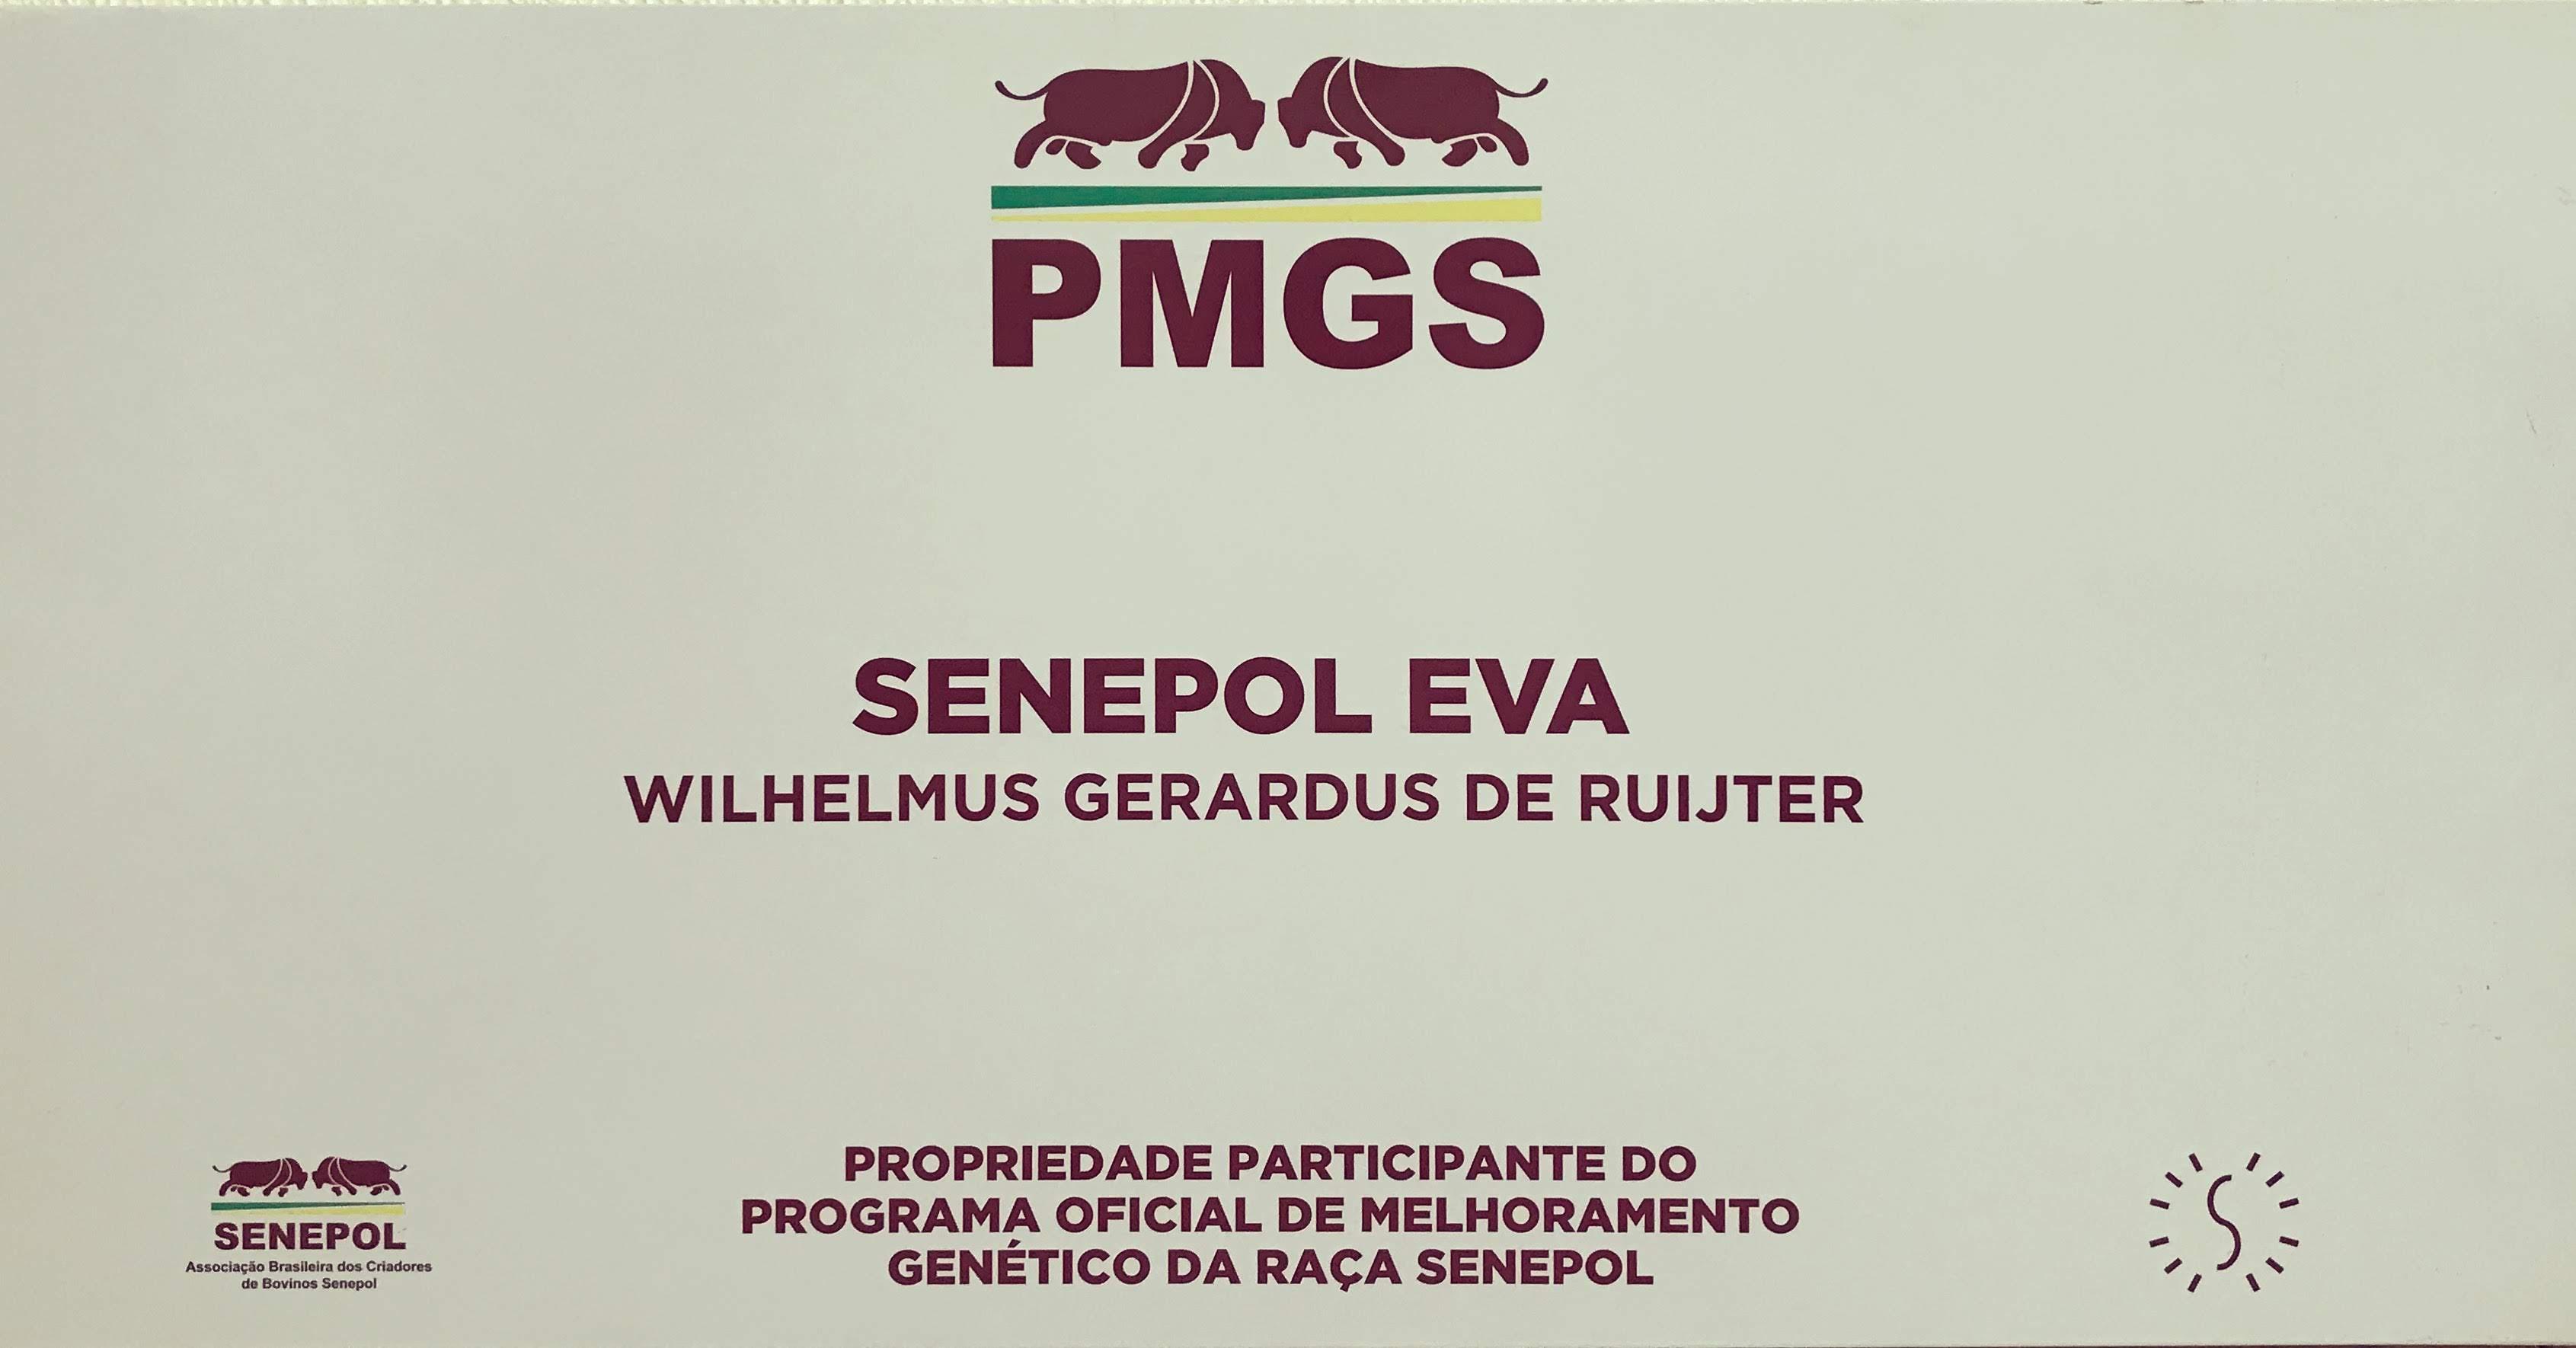 Programa oficial de melhoramento genético da raça senepol (PMGS)